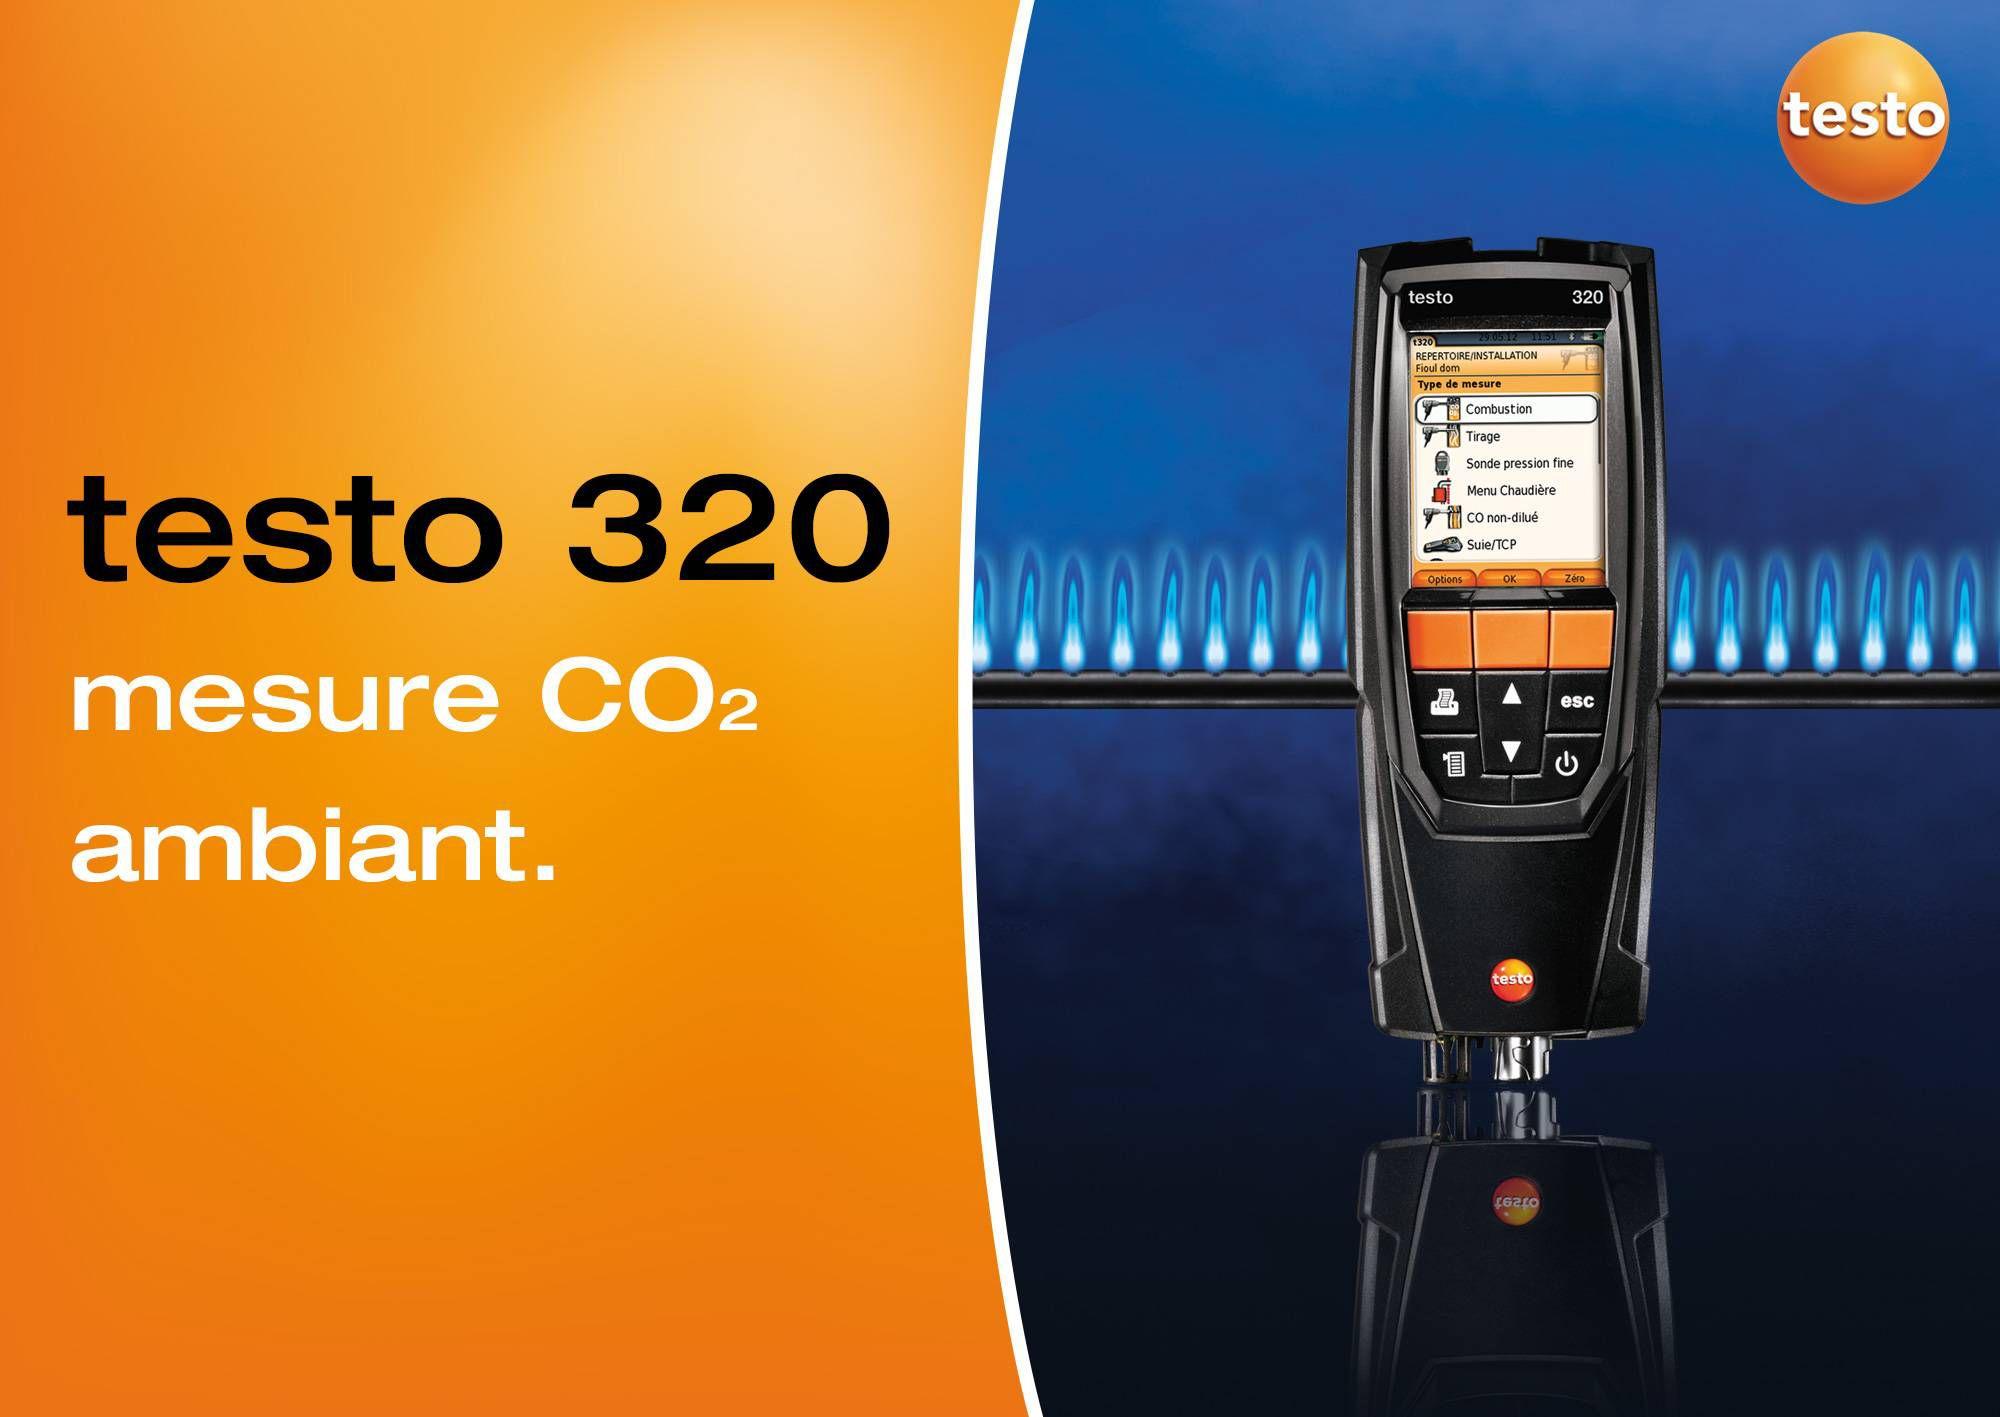 tutoriel vidéo mesure CO2 ambiant testo 320